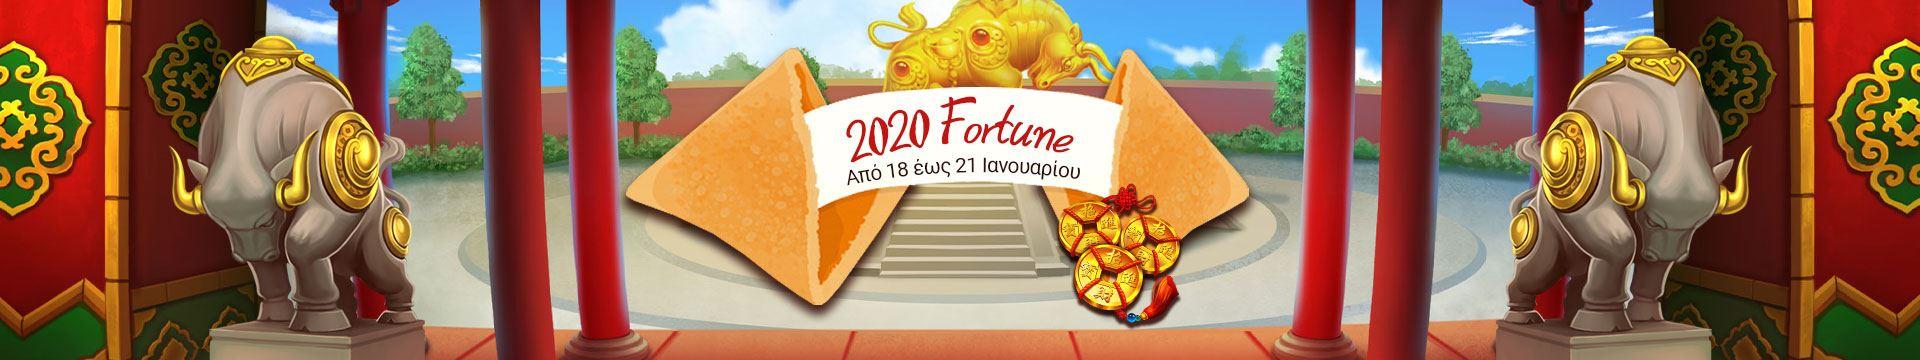 2020_fortune